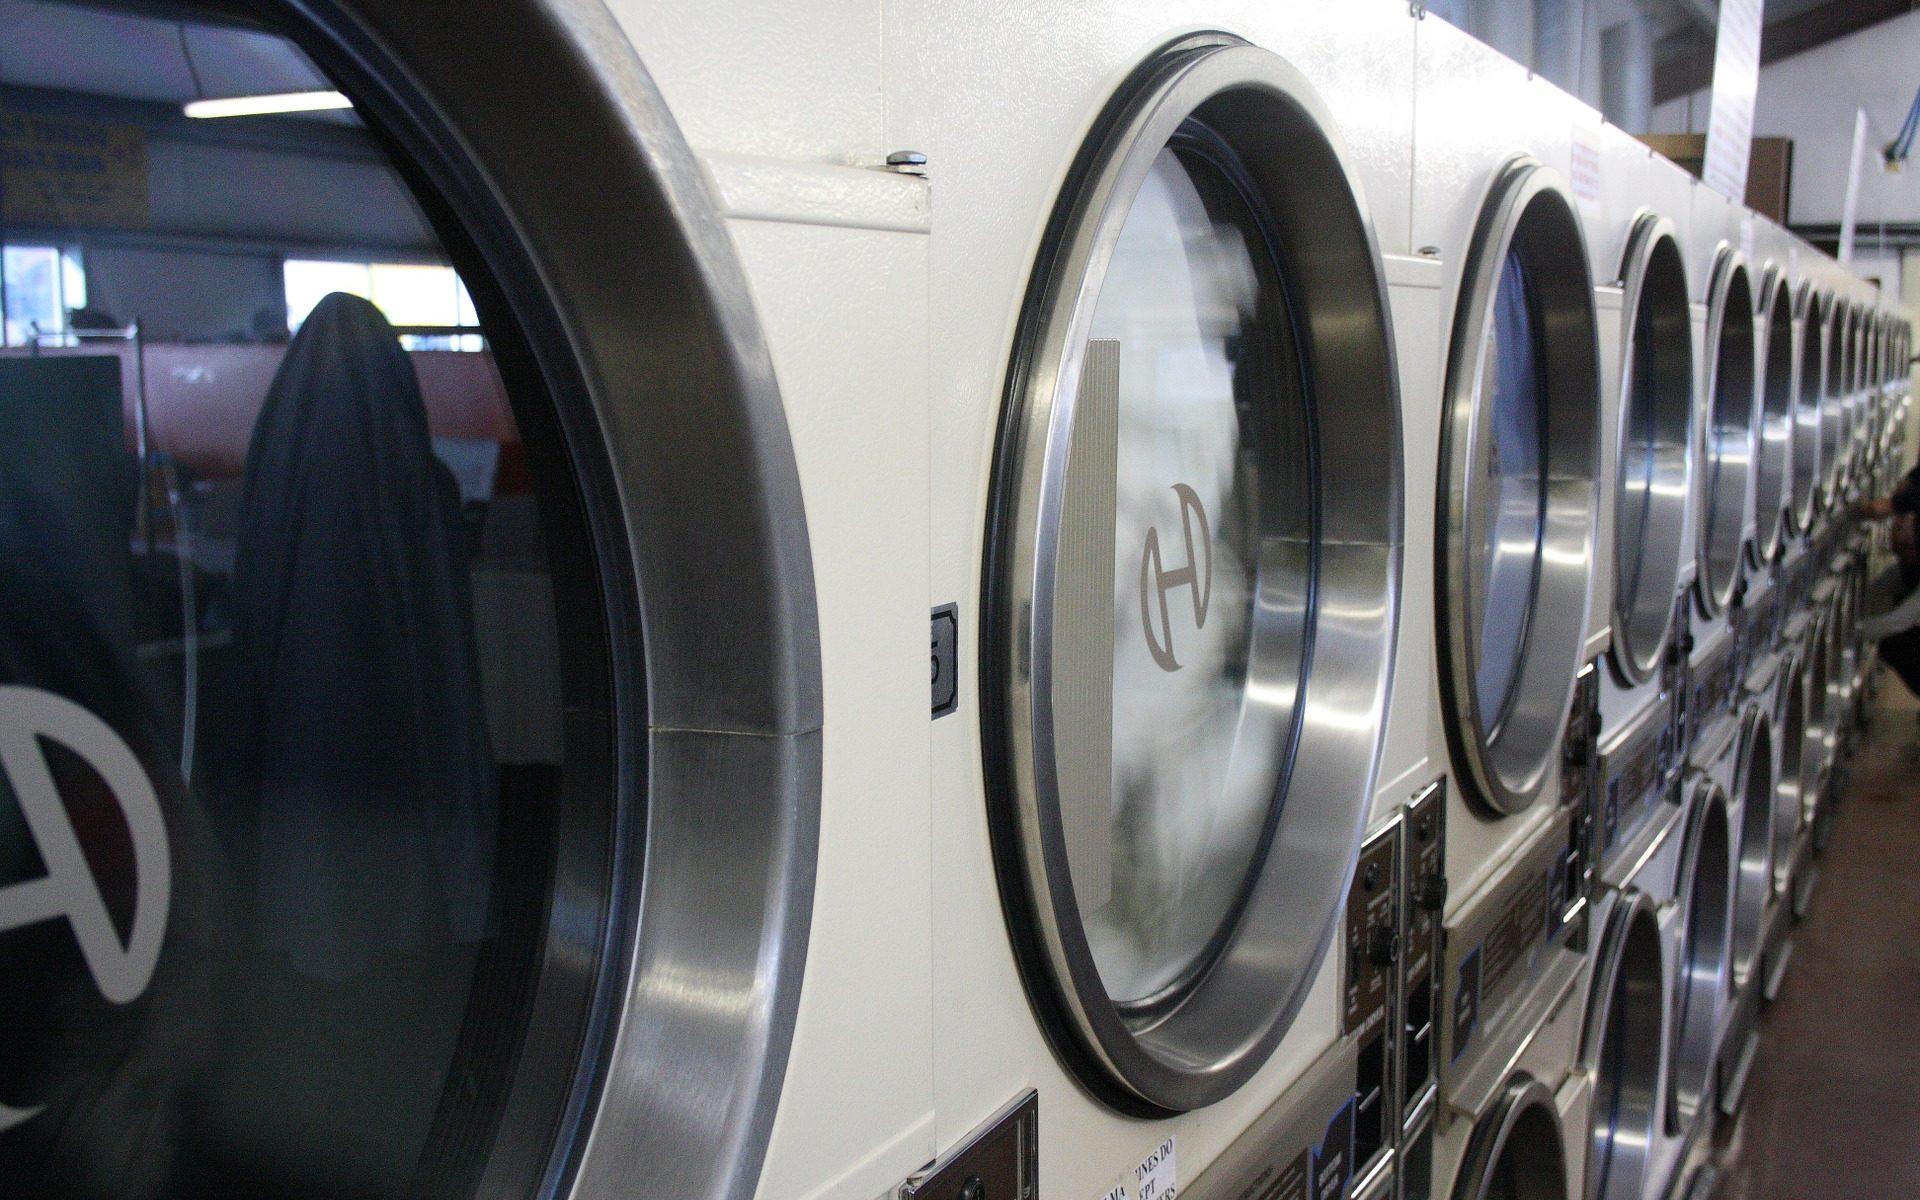 quartzsite laundry big 1920x1200 - Quartzsite, Arizona: Main Street Laundry - schmutzige Wäsche und gutes Essen